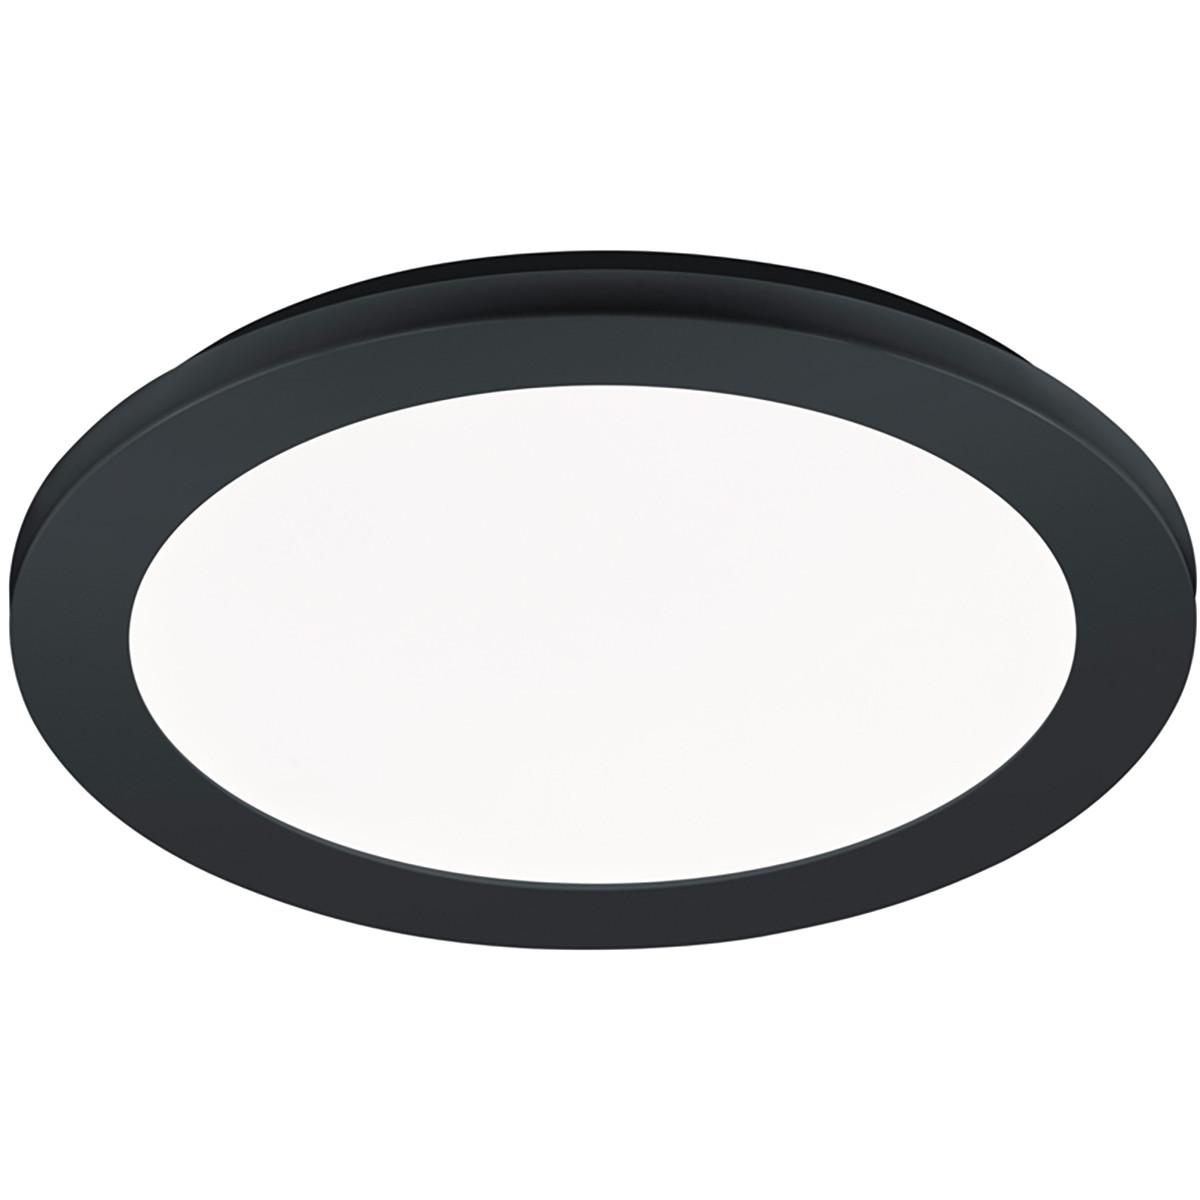 LED Plafondlamp - Trion Camy - Opbouw Rond 15W - Spatwaterdicht IP44 - Dimbaar - Warm Wit 3000K - Ma